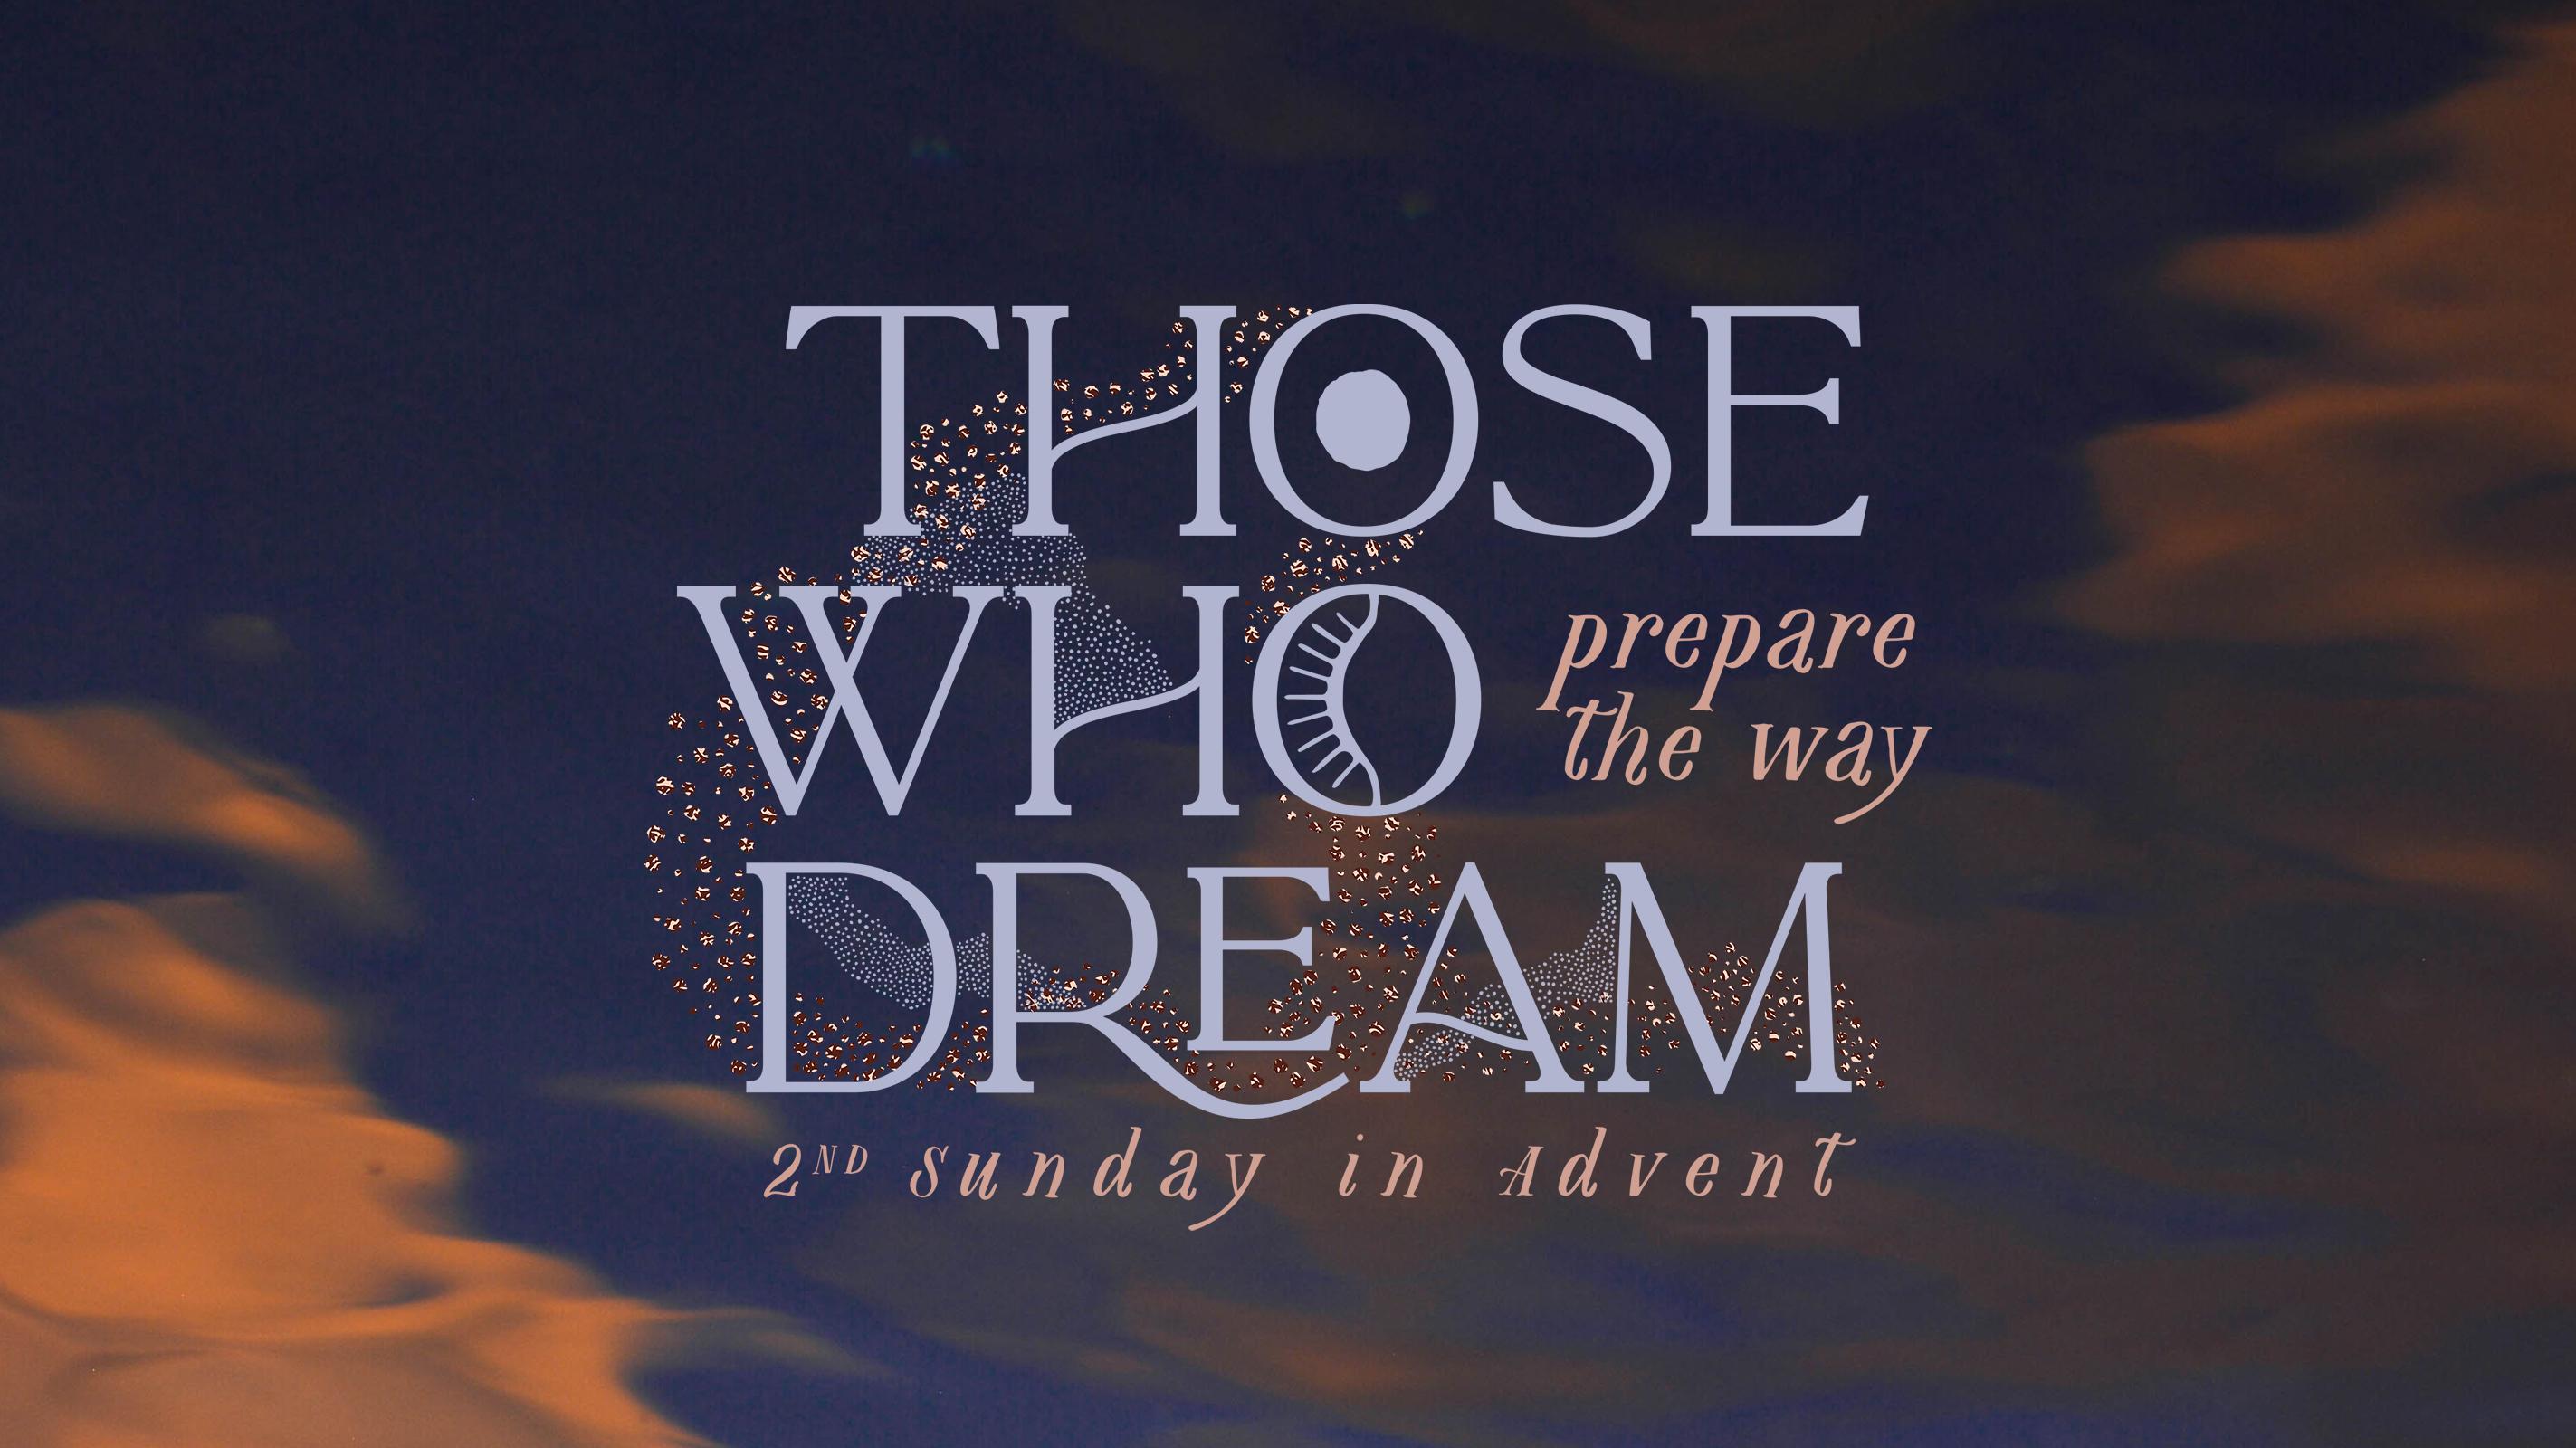 Those Who Dream Prepare the Way